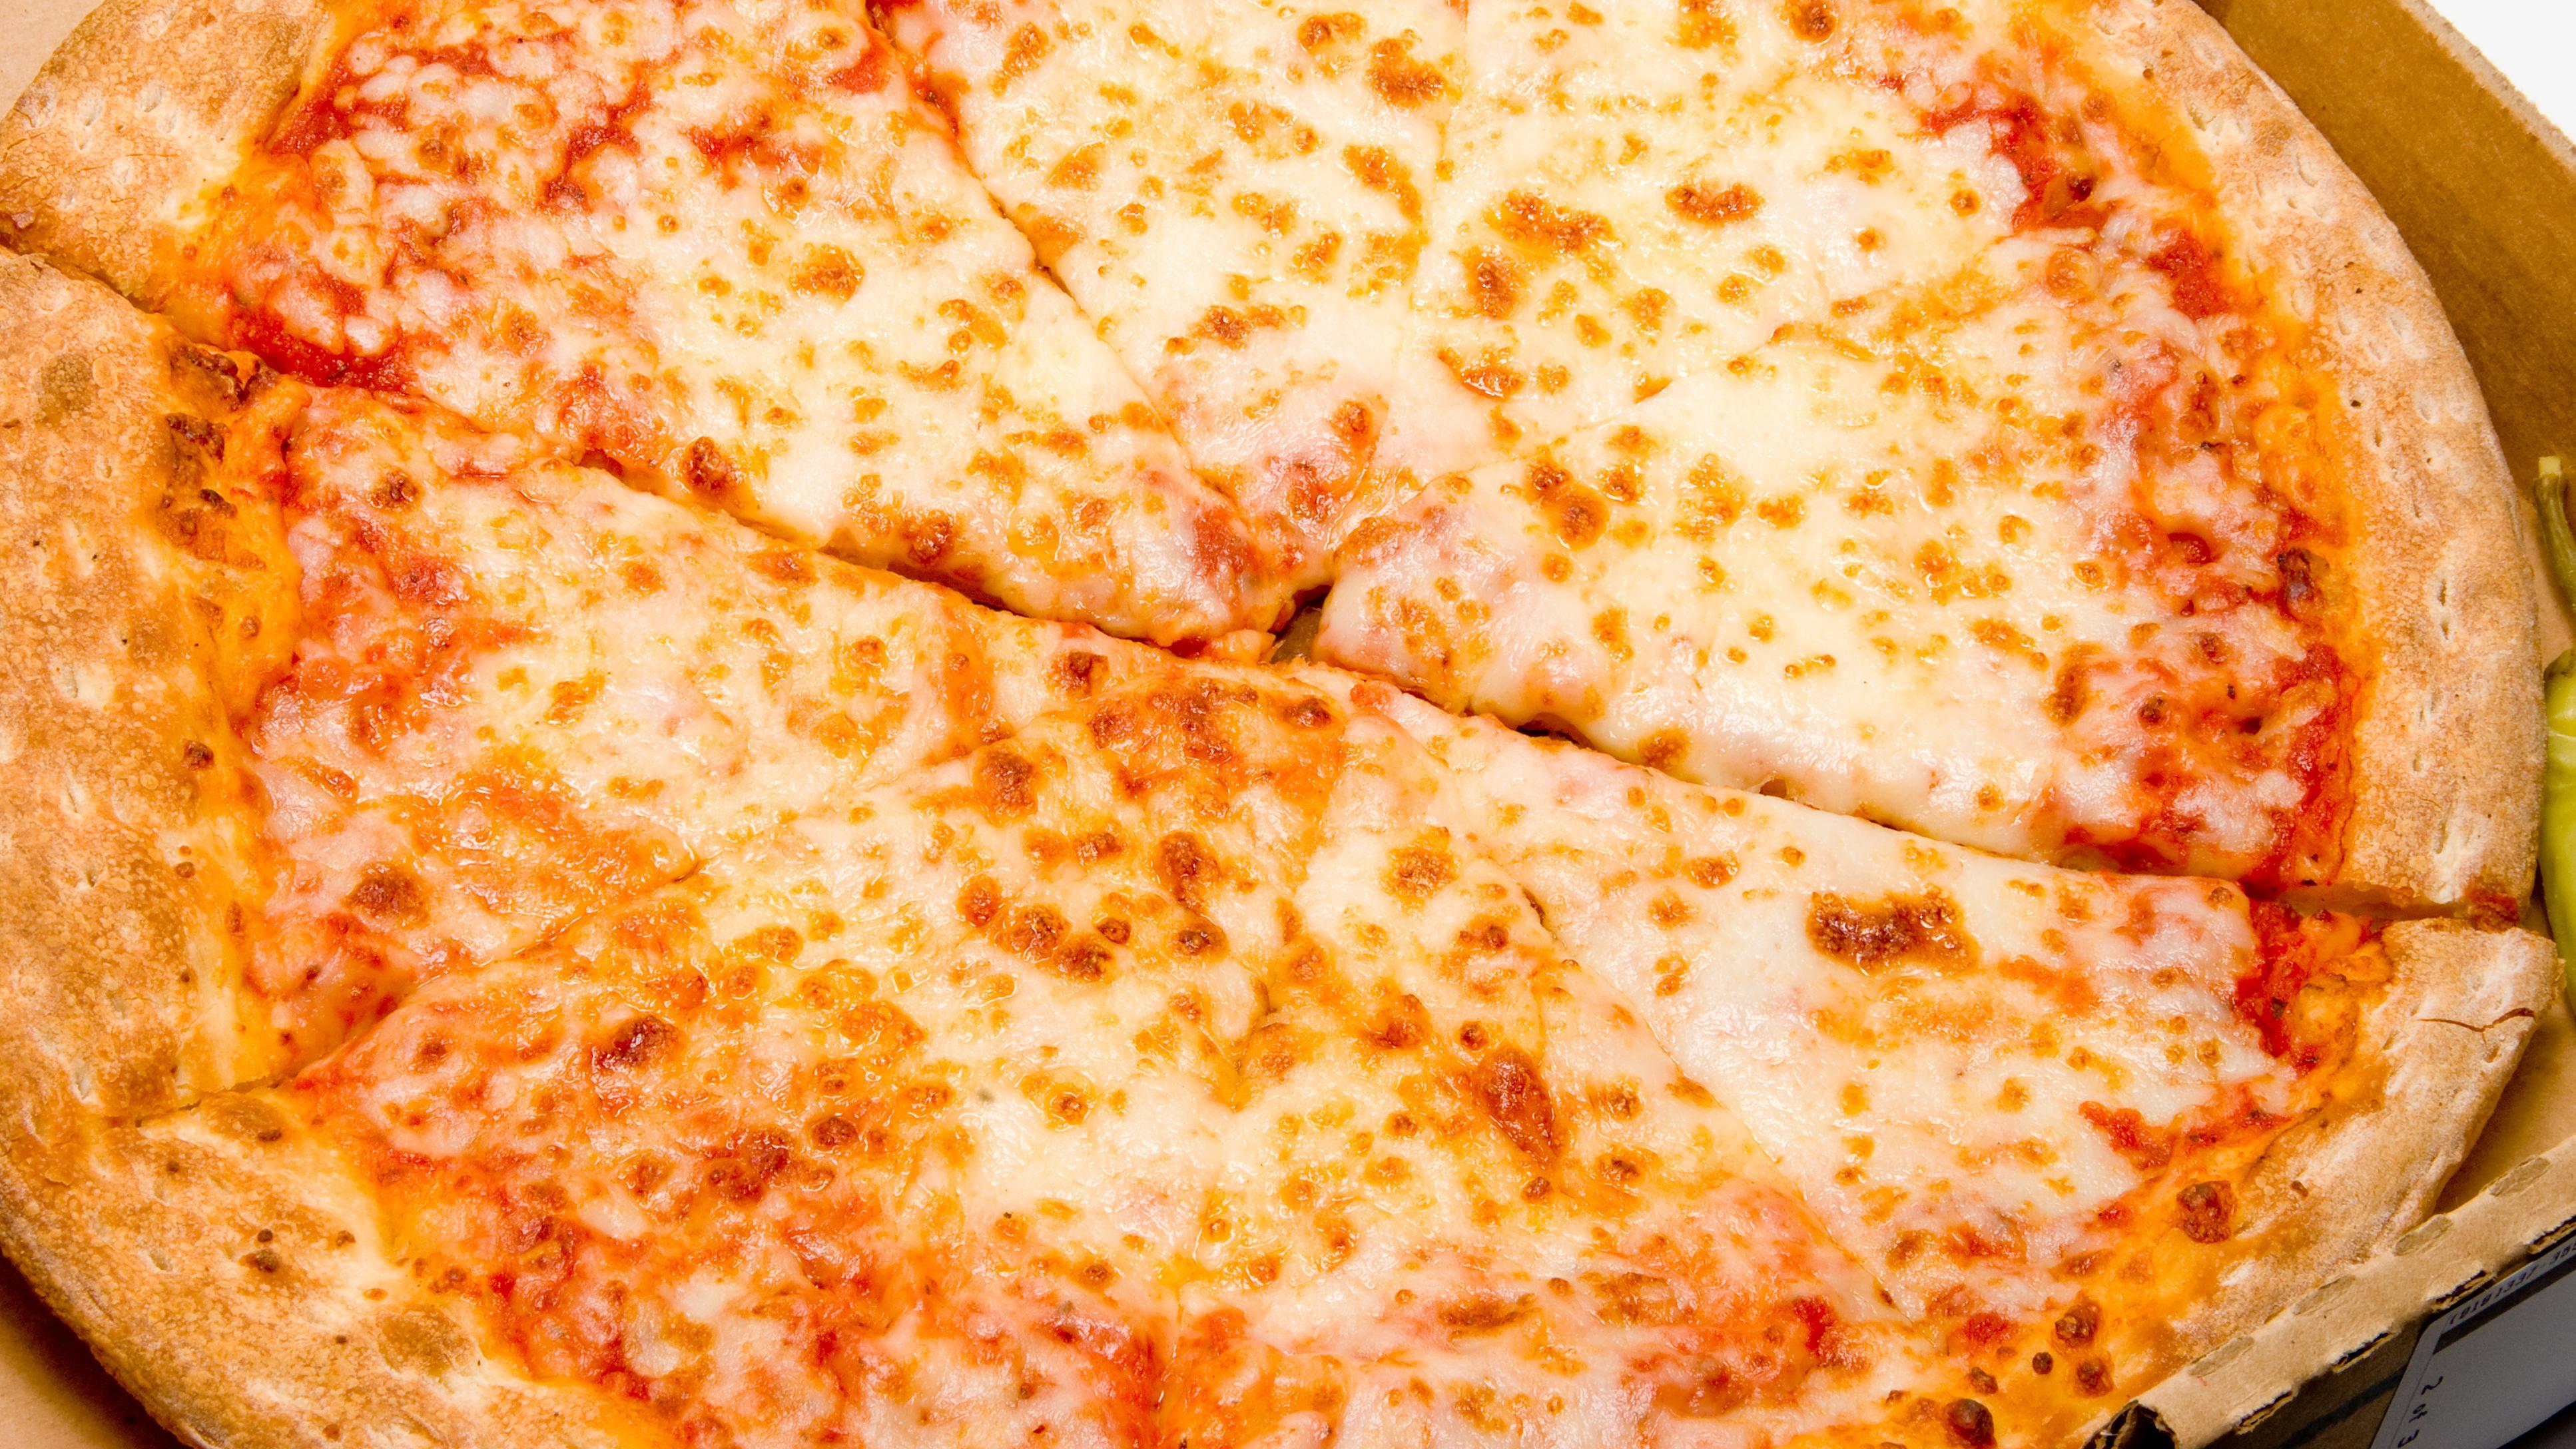 Pizza ohne Tomatensauce: Diese leckeren Varianten gibt es